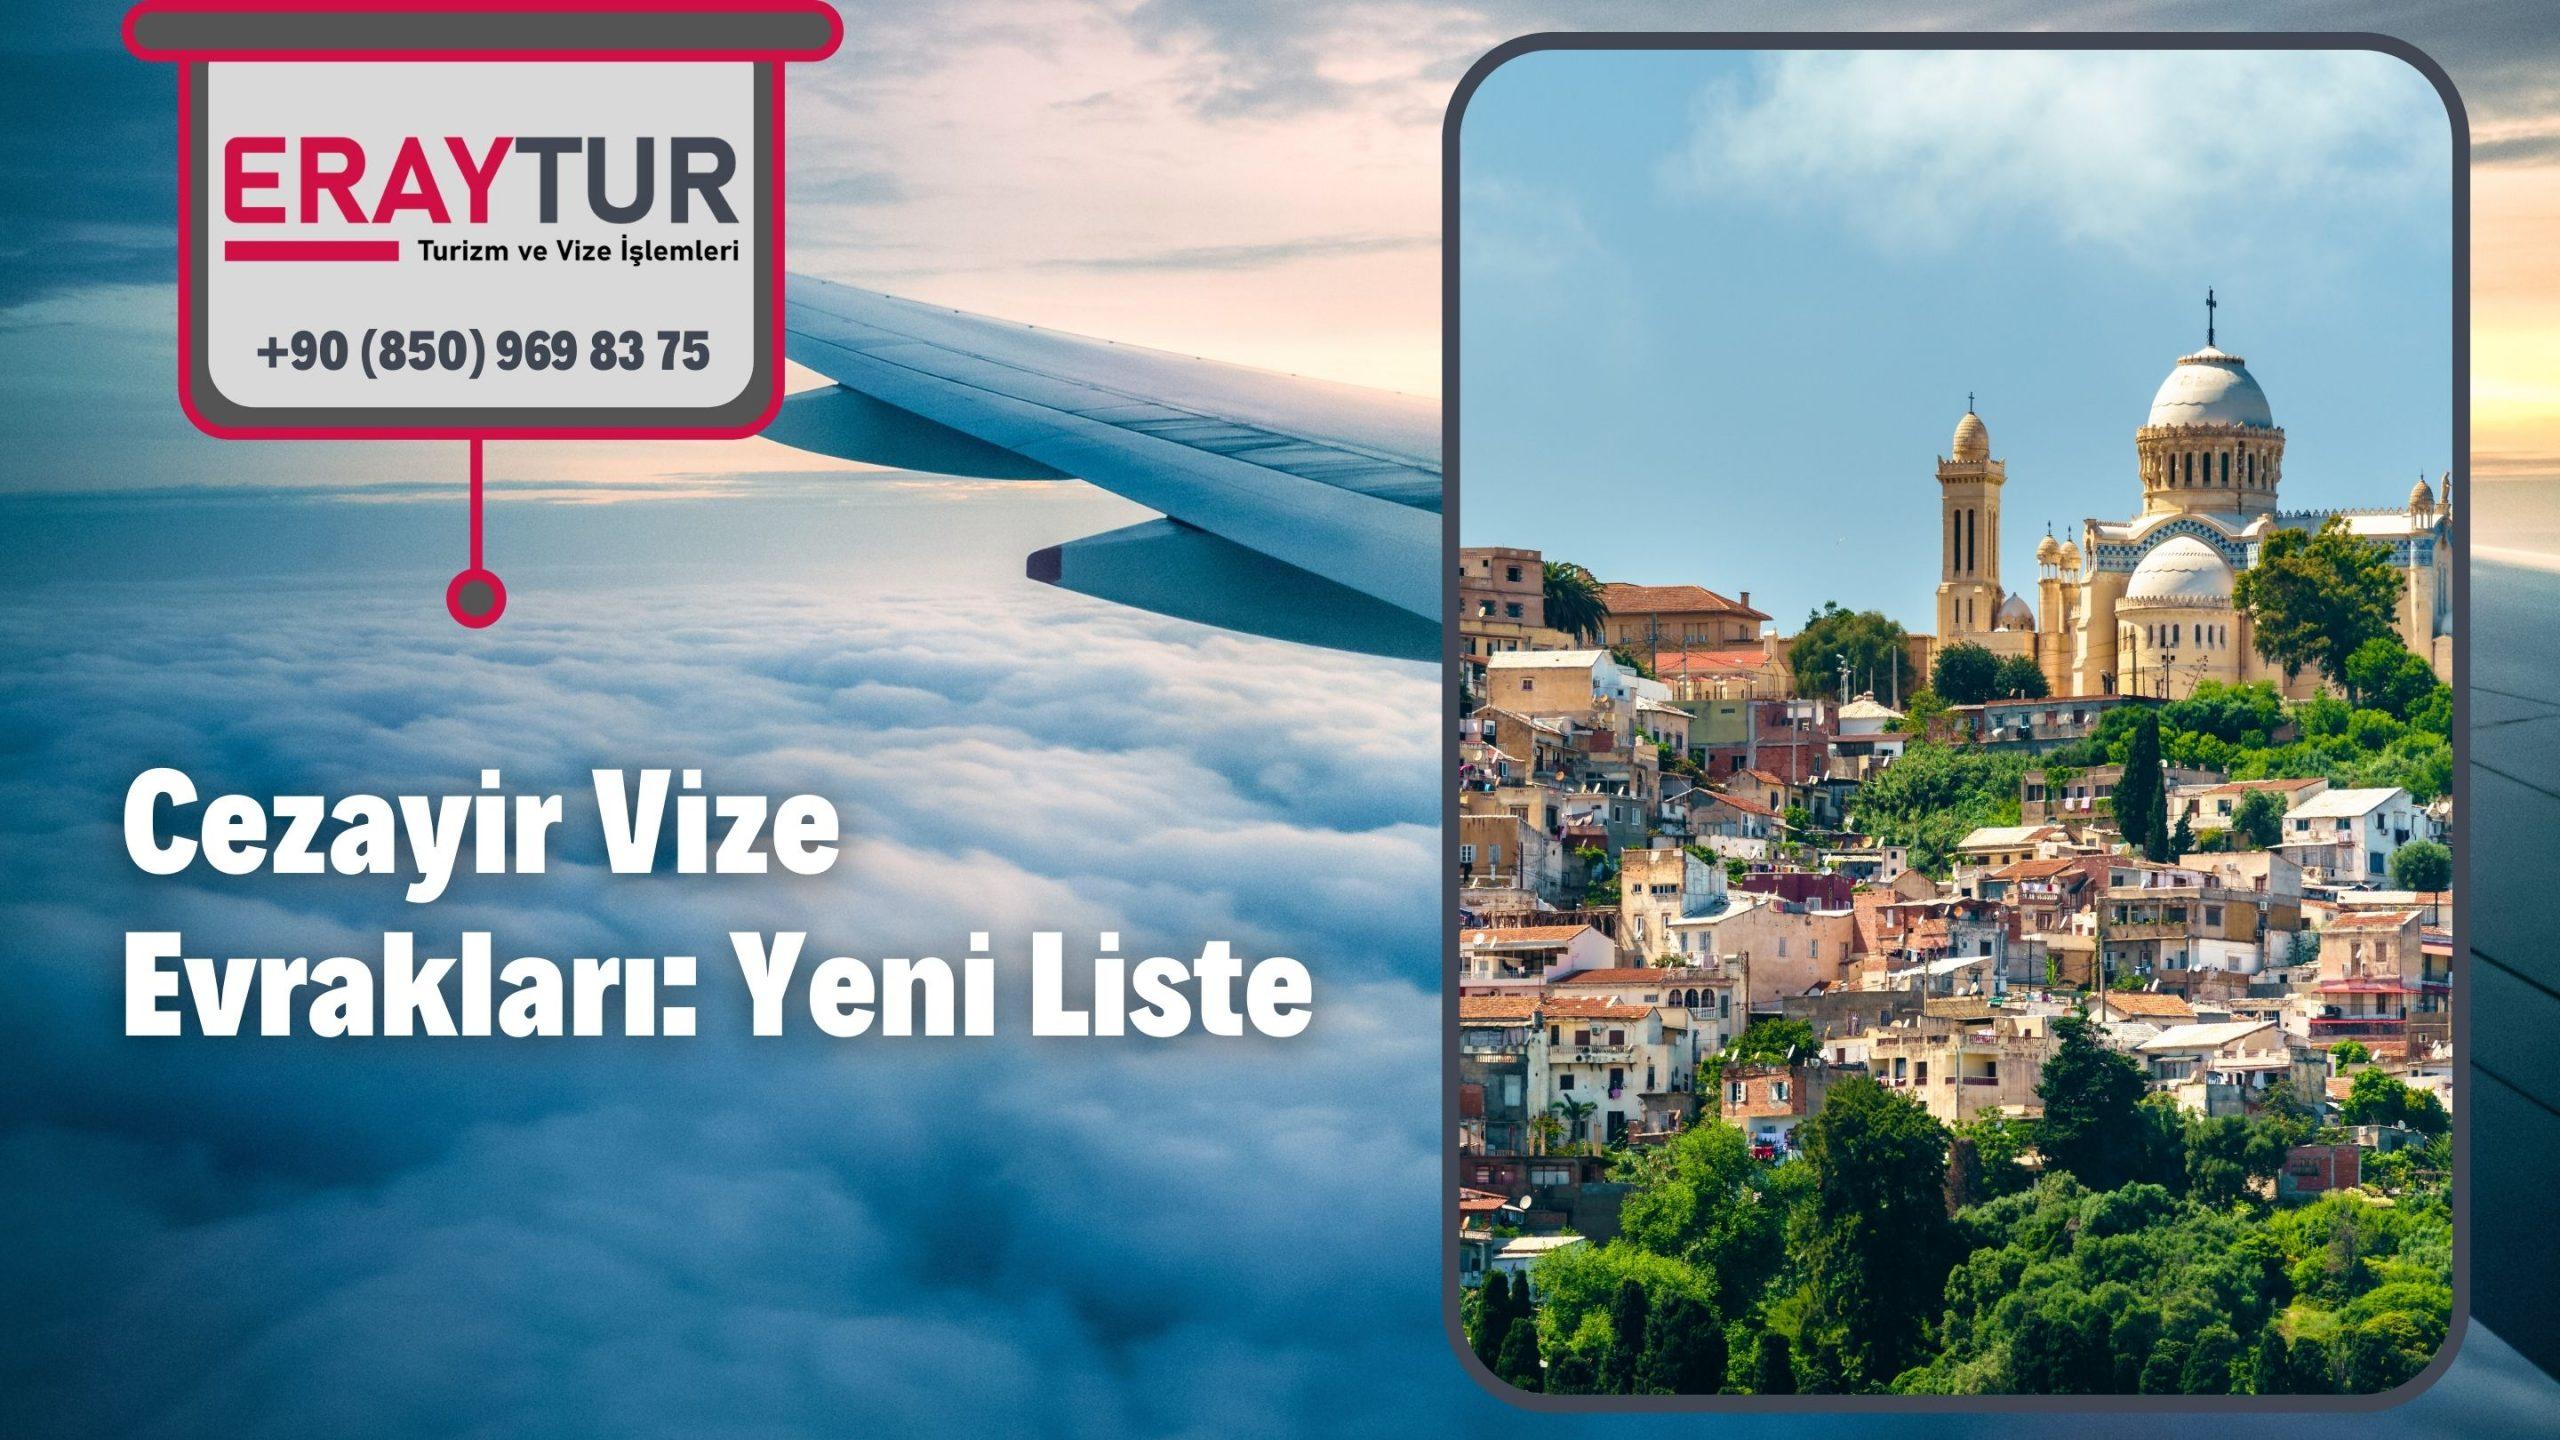 Cezayir Vize Evrakları: Yeni Liste [2021]